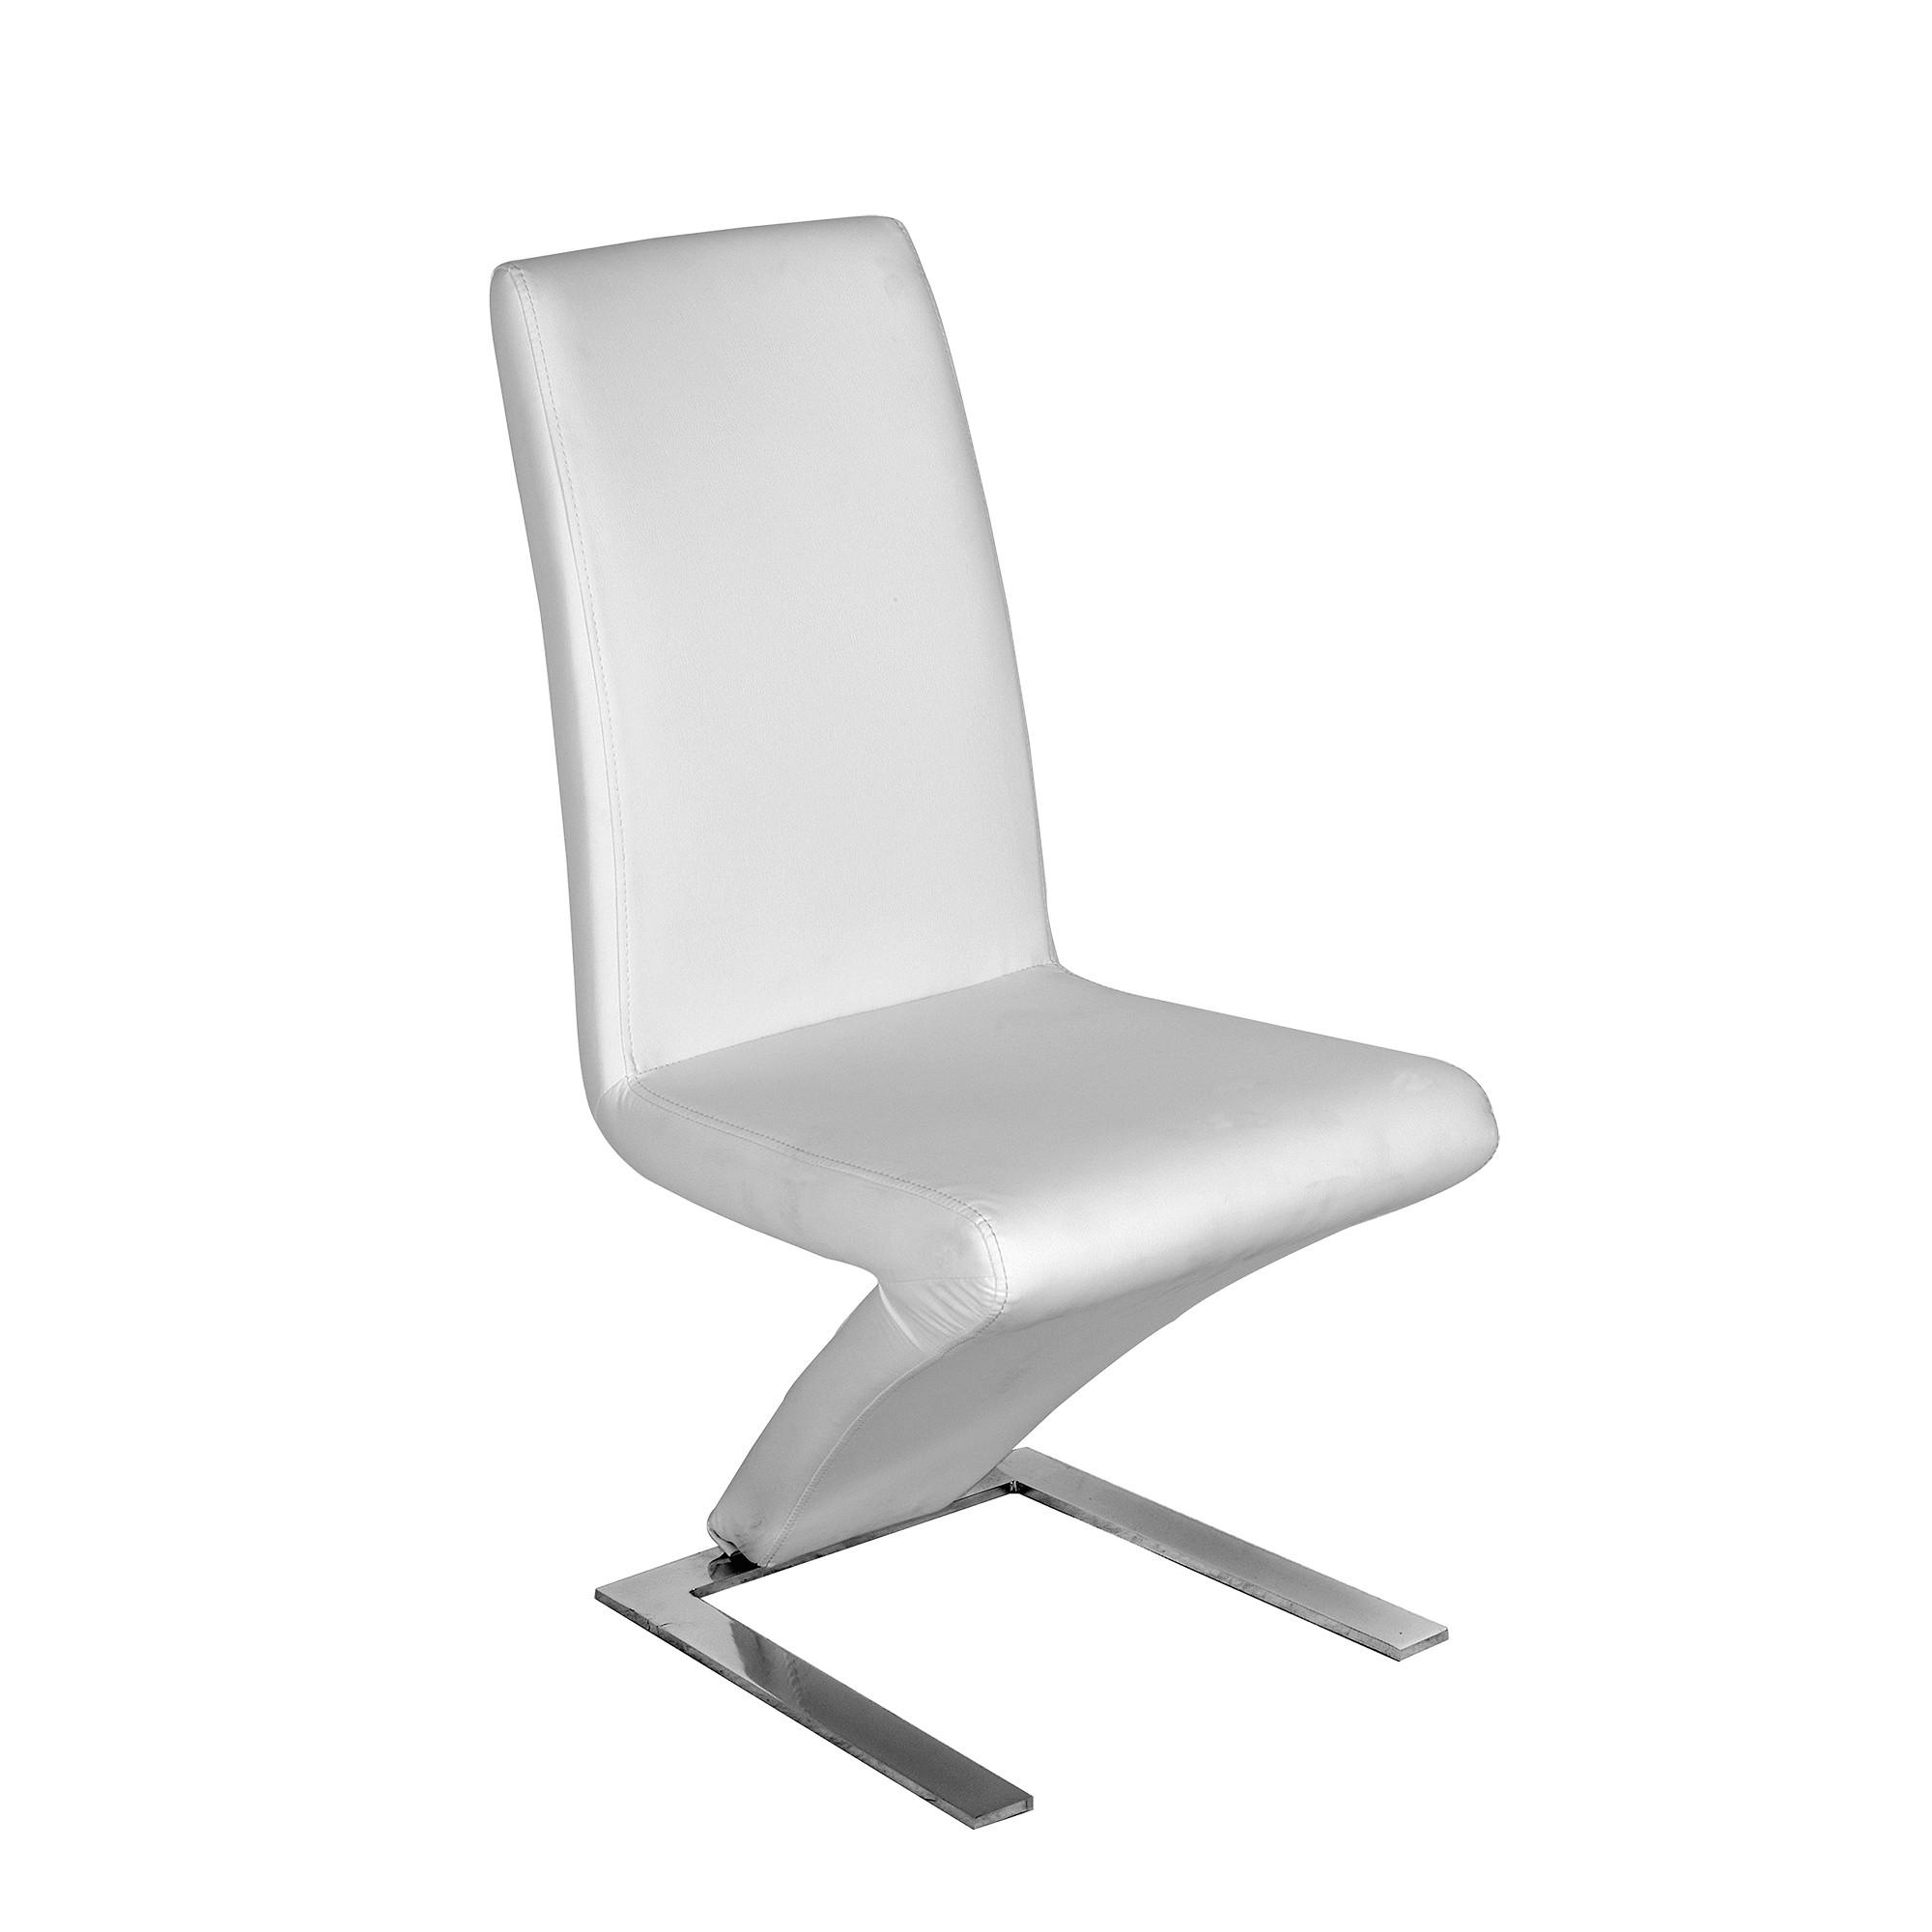 Pack 2 sillas polipiel en blanco mod. Silva